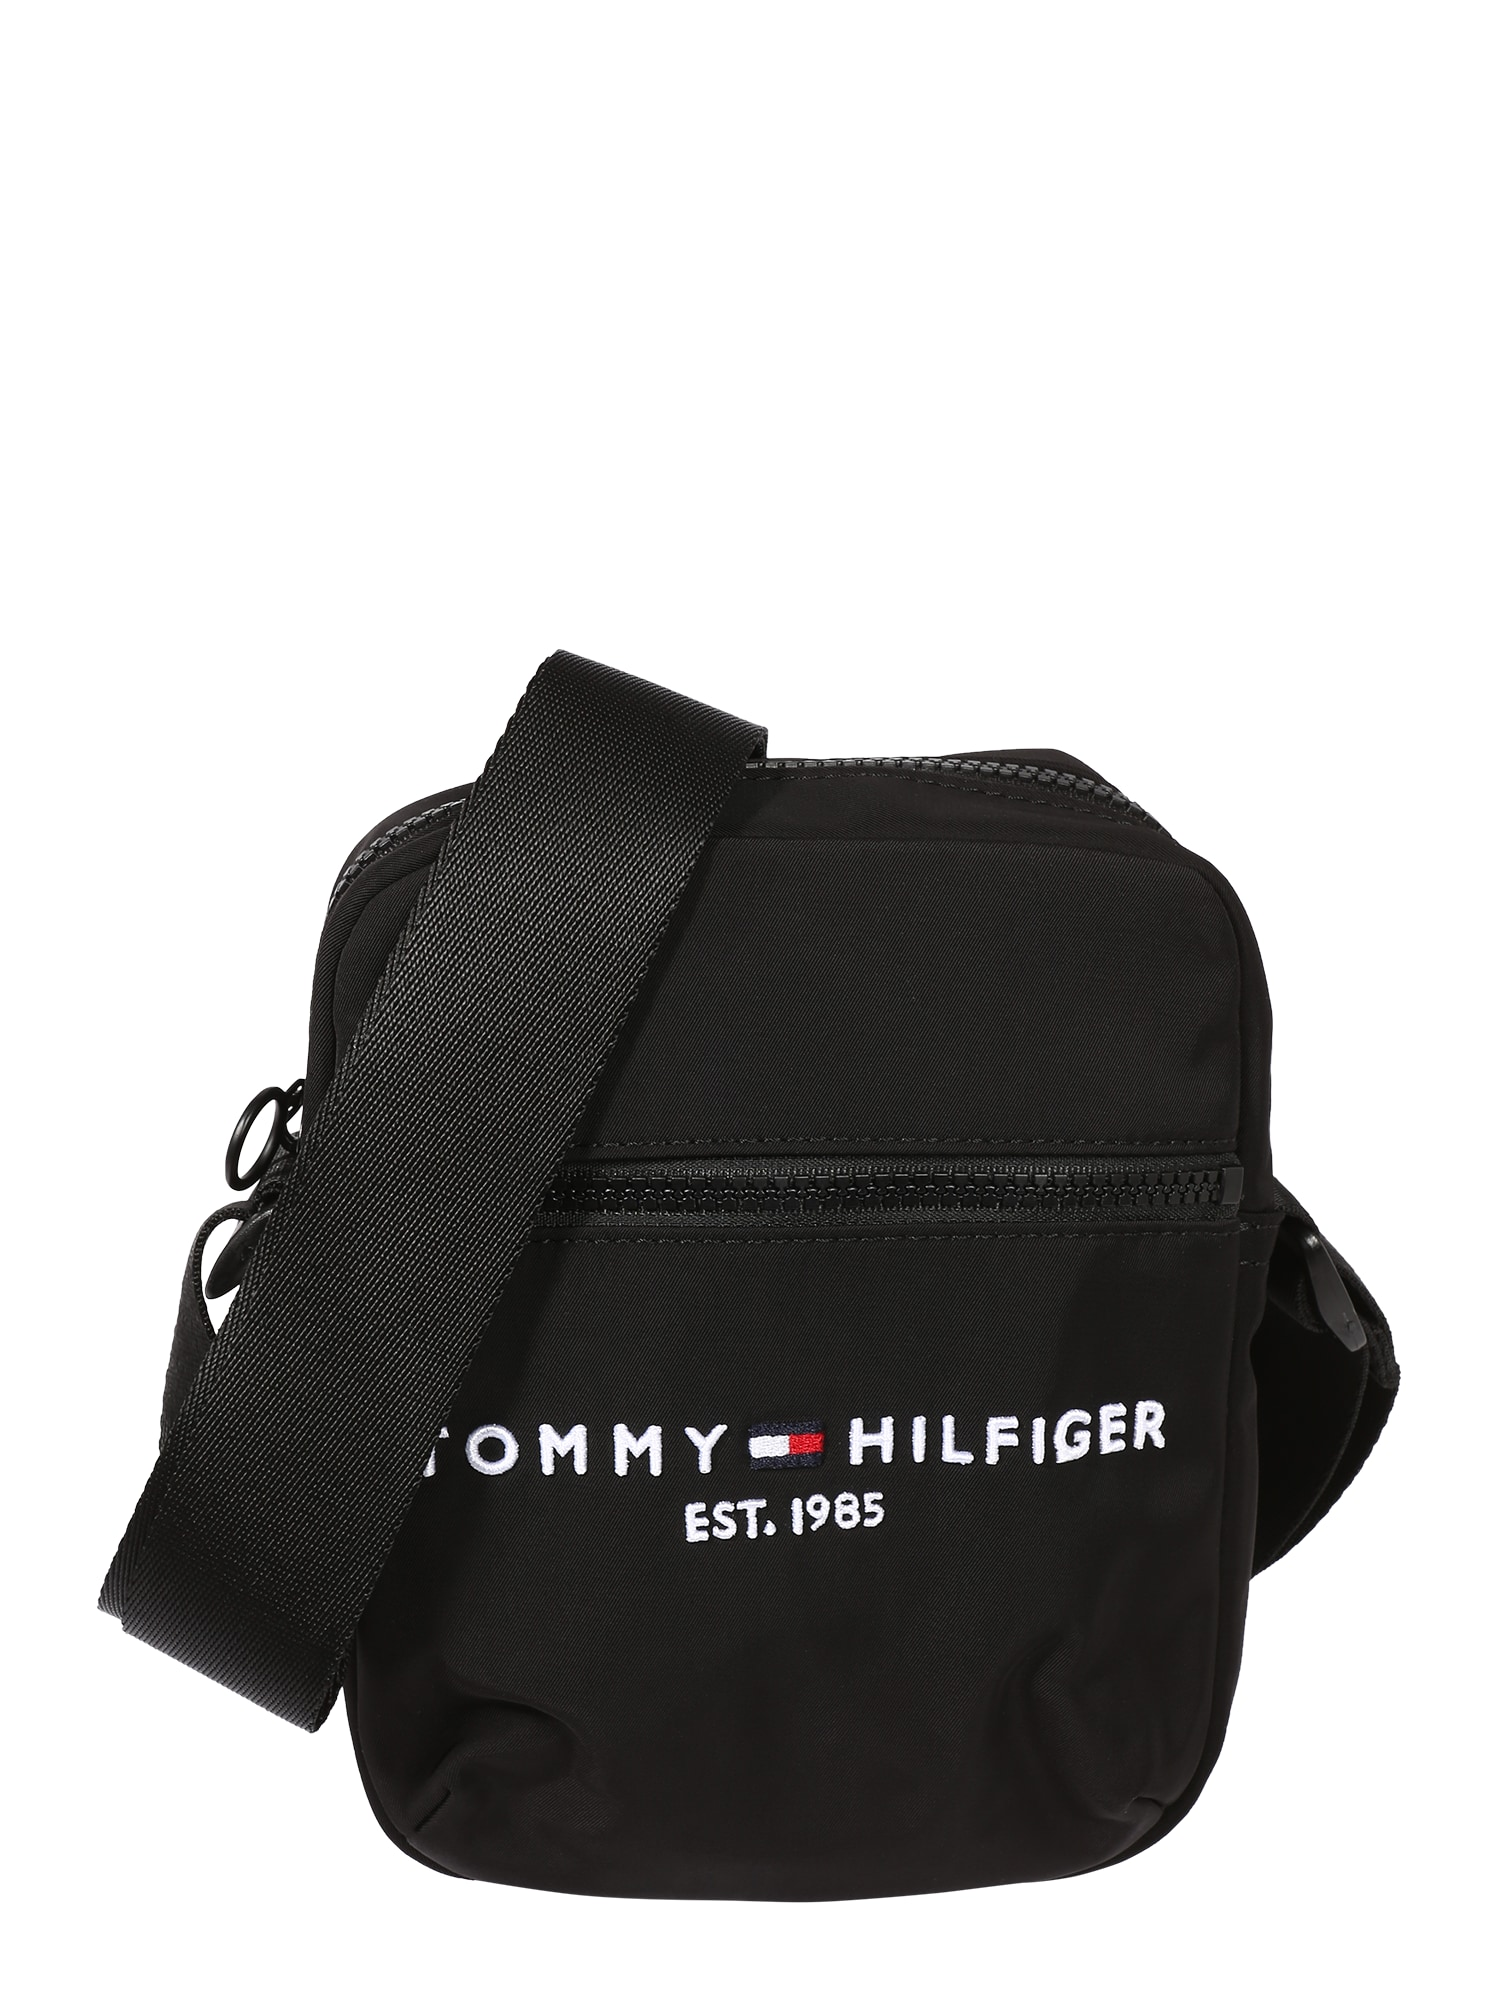 TOMMY HILFIGER Rankinė su ilgu dirželiu 'REPORTER' juoda / balta / šviesiai raudona